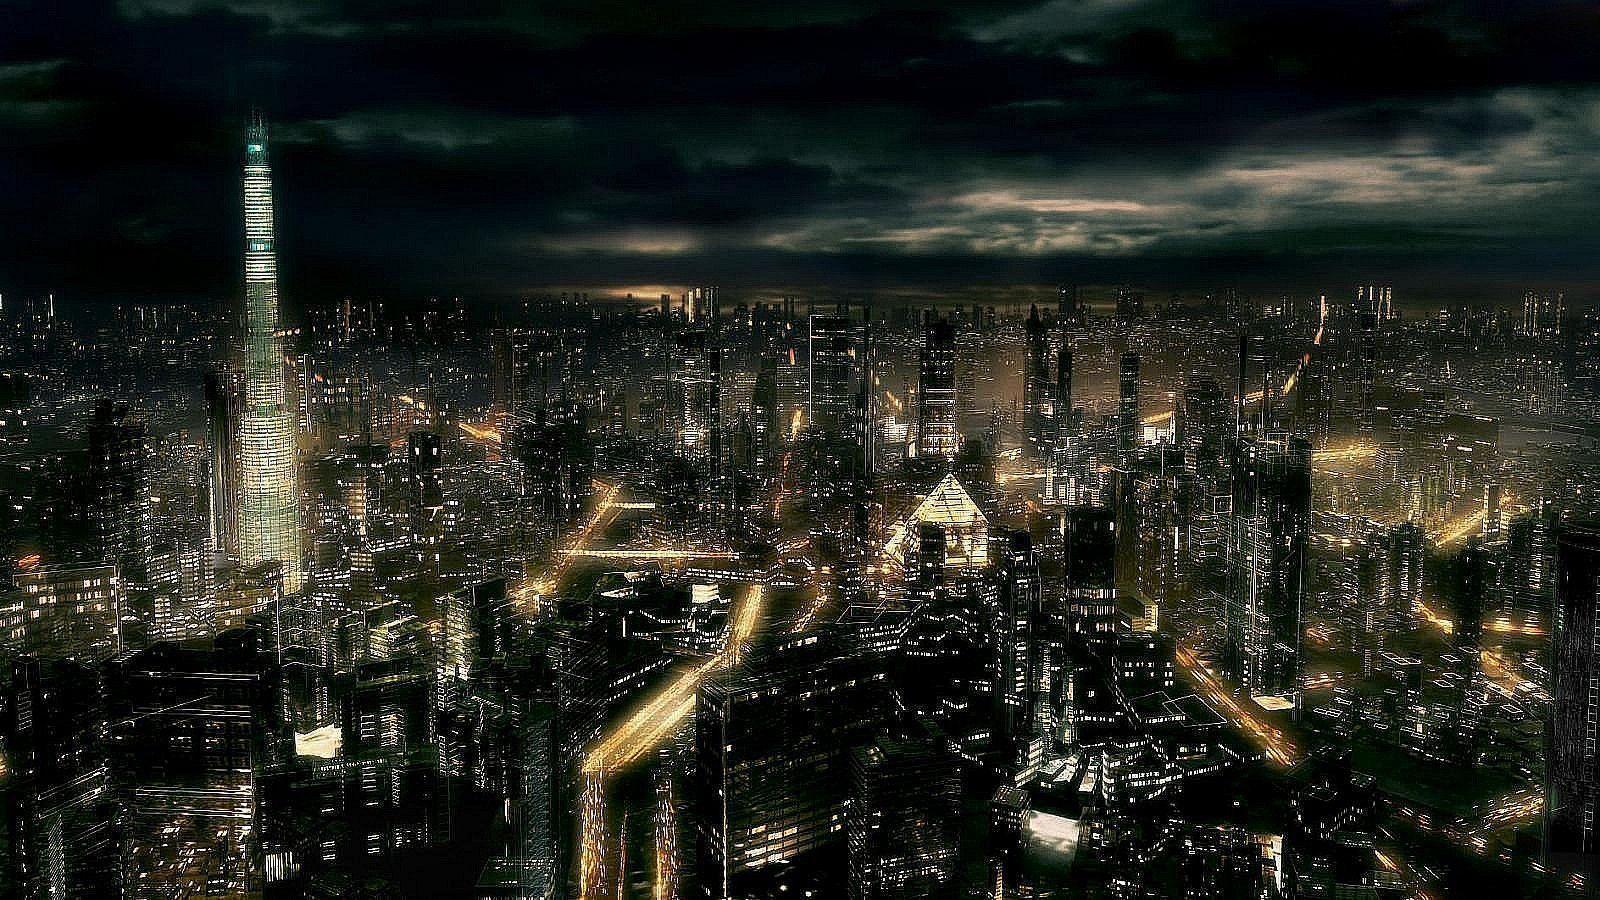 Dark City Wallpapers 1600x900